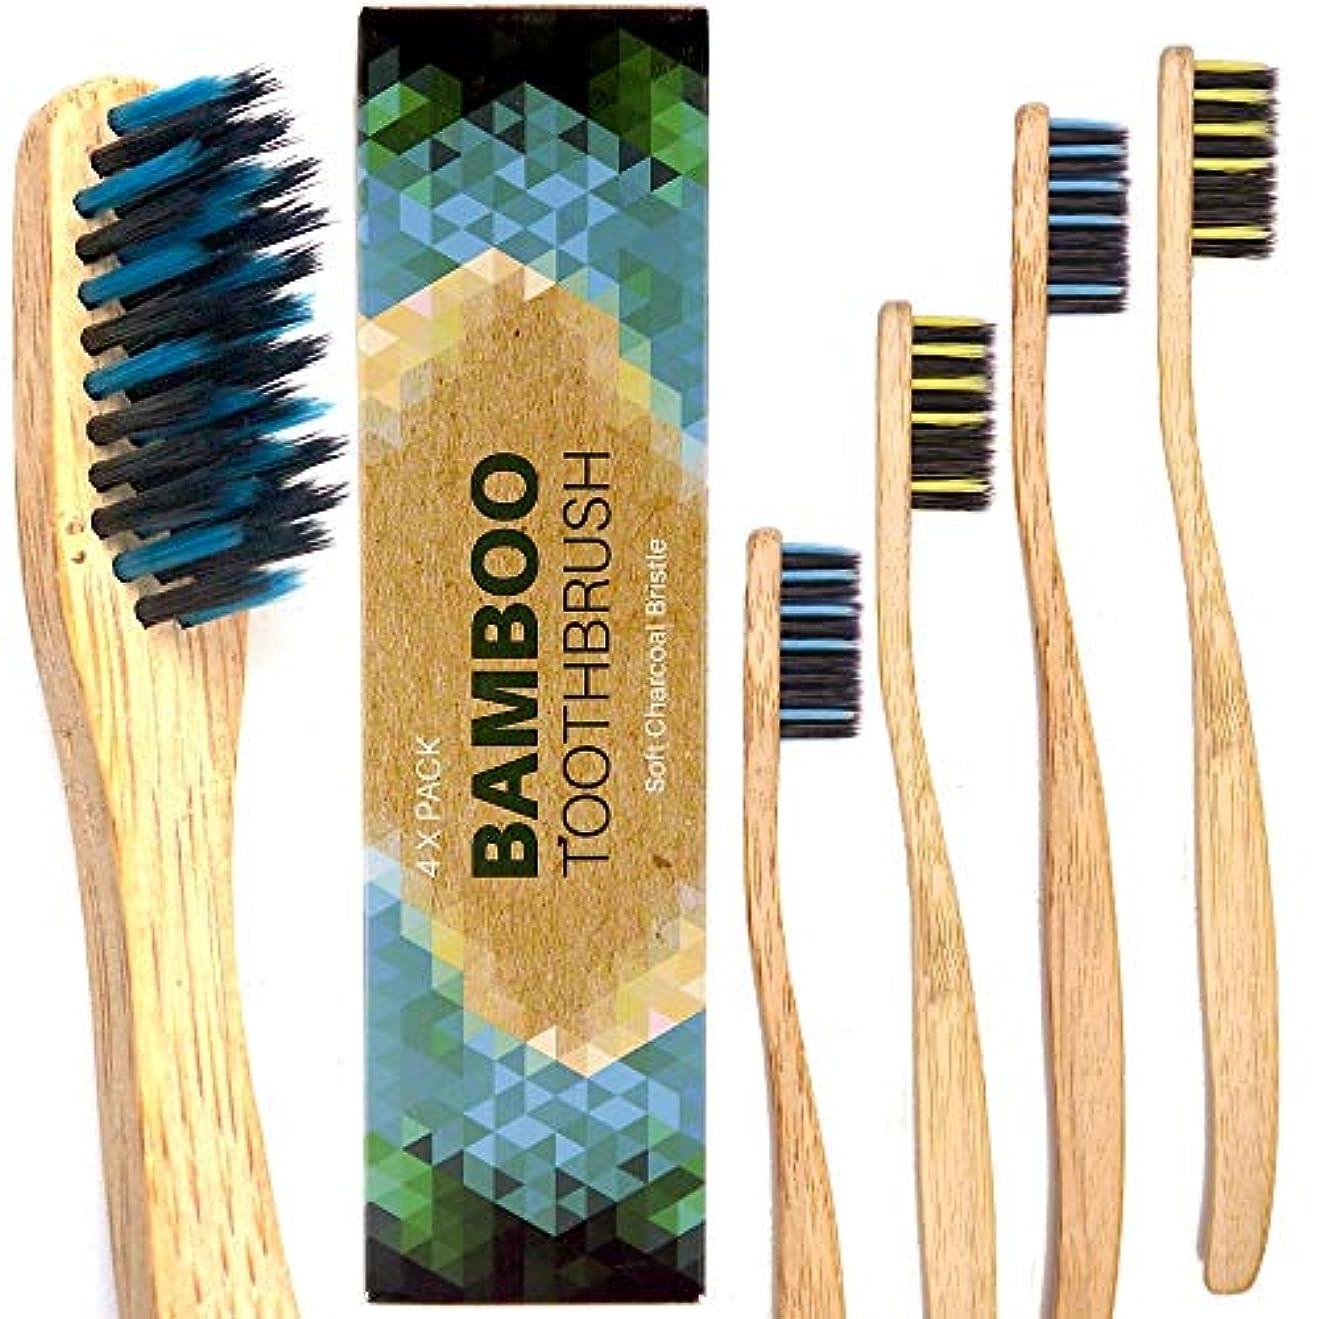 竹製歯ブラシ。チャコールブリストル大人 - ミディアム及びソフト、生分解性、ビーガン、バイオ、エコ、持続可能な木製ハンドル4本パック4 Bamboo Toothbrushes, ホワイトニング 歯, ドイツの品質, 竹歯ブラシ